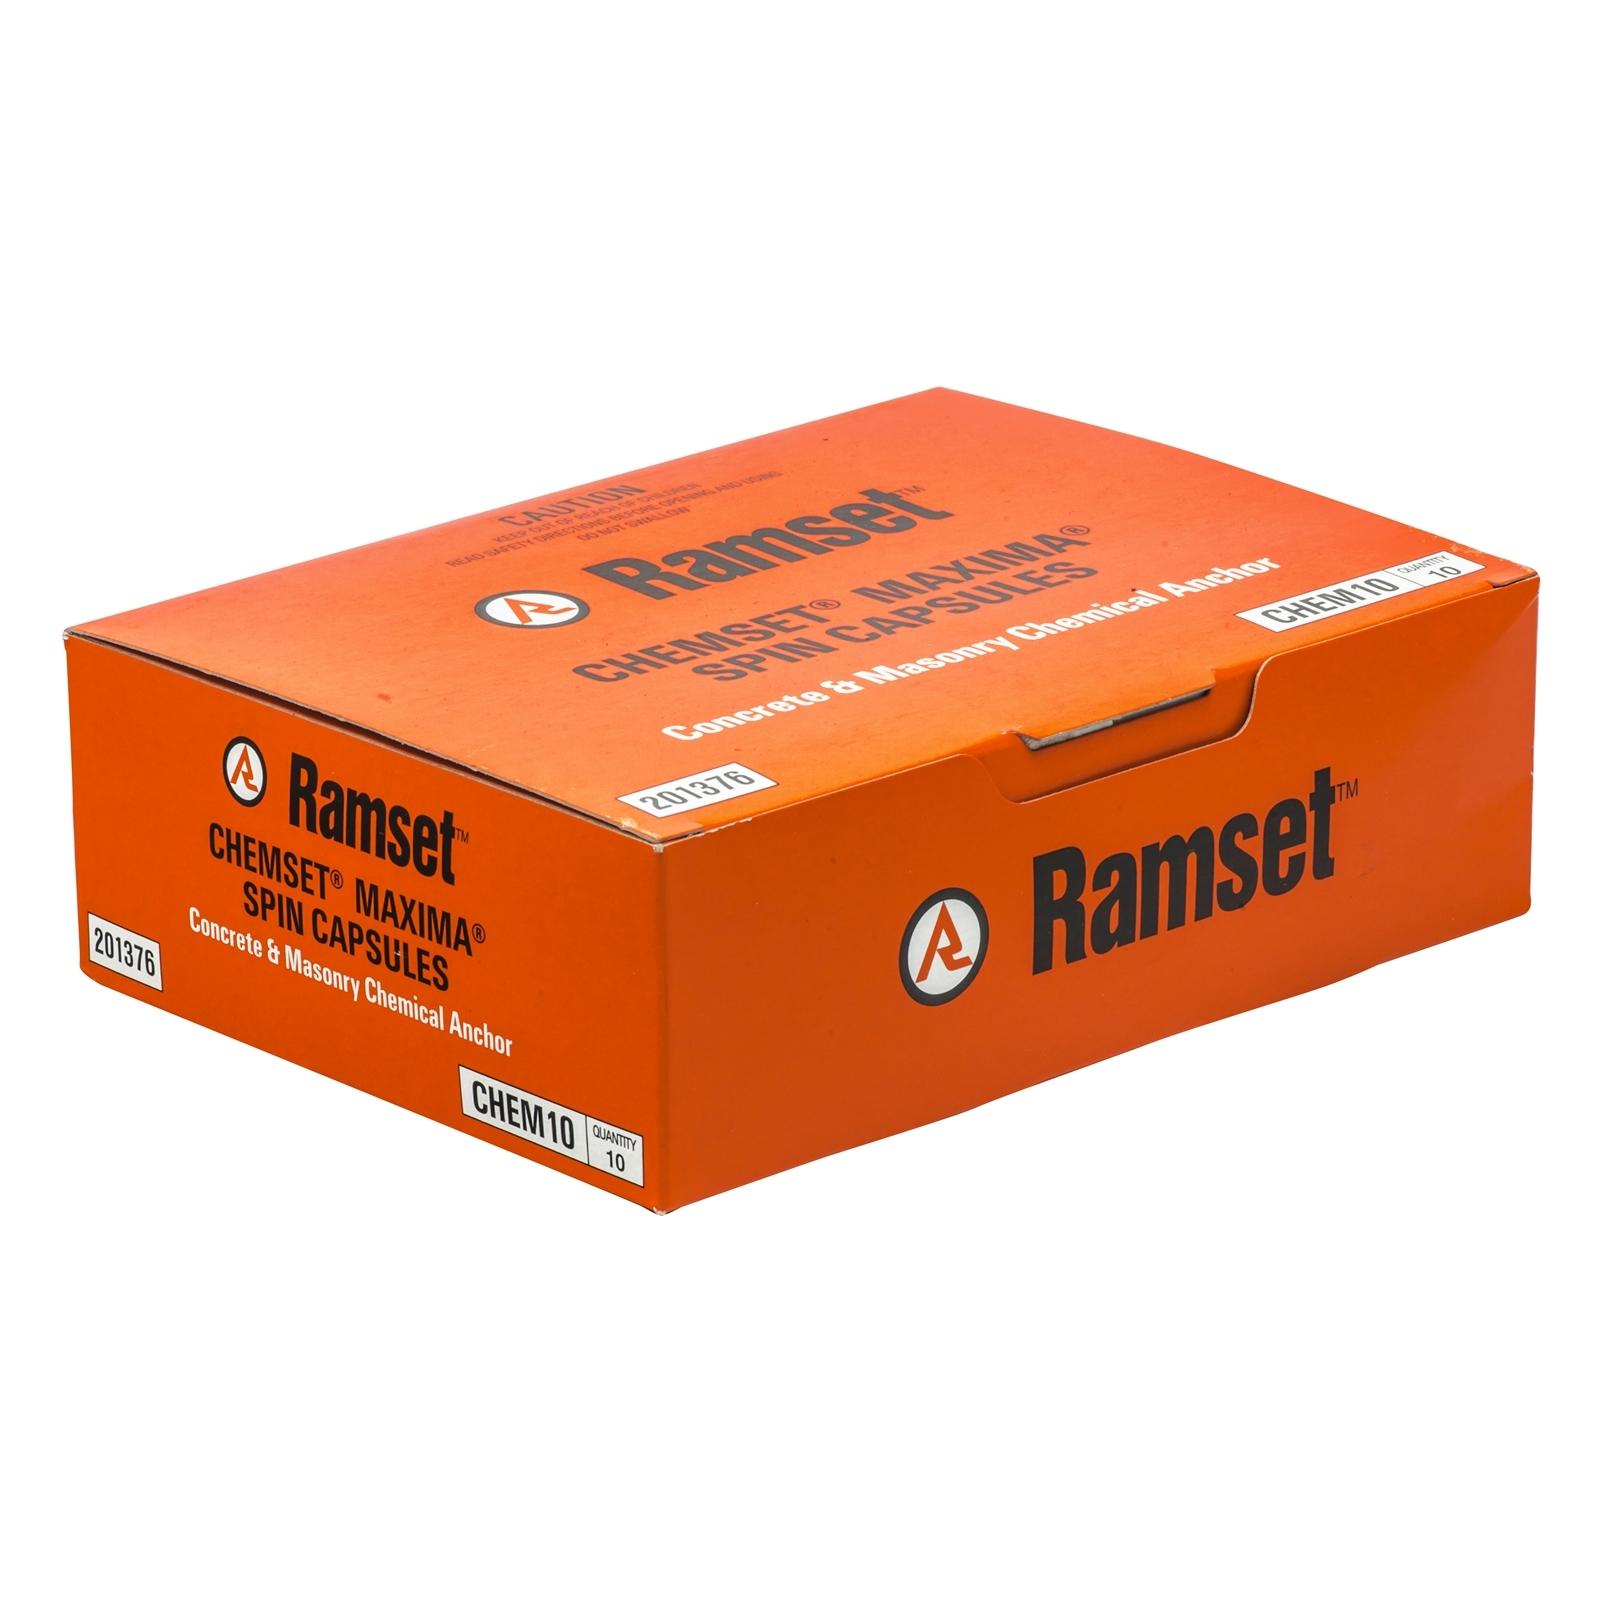 Ramset M10 Maxima Masonry Chemical Acrylate Epoxy Capsule - 10 Pack